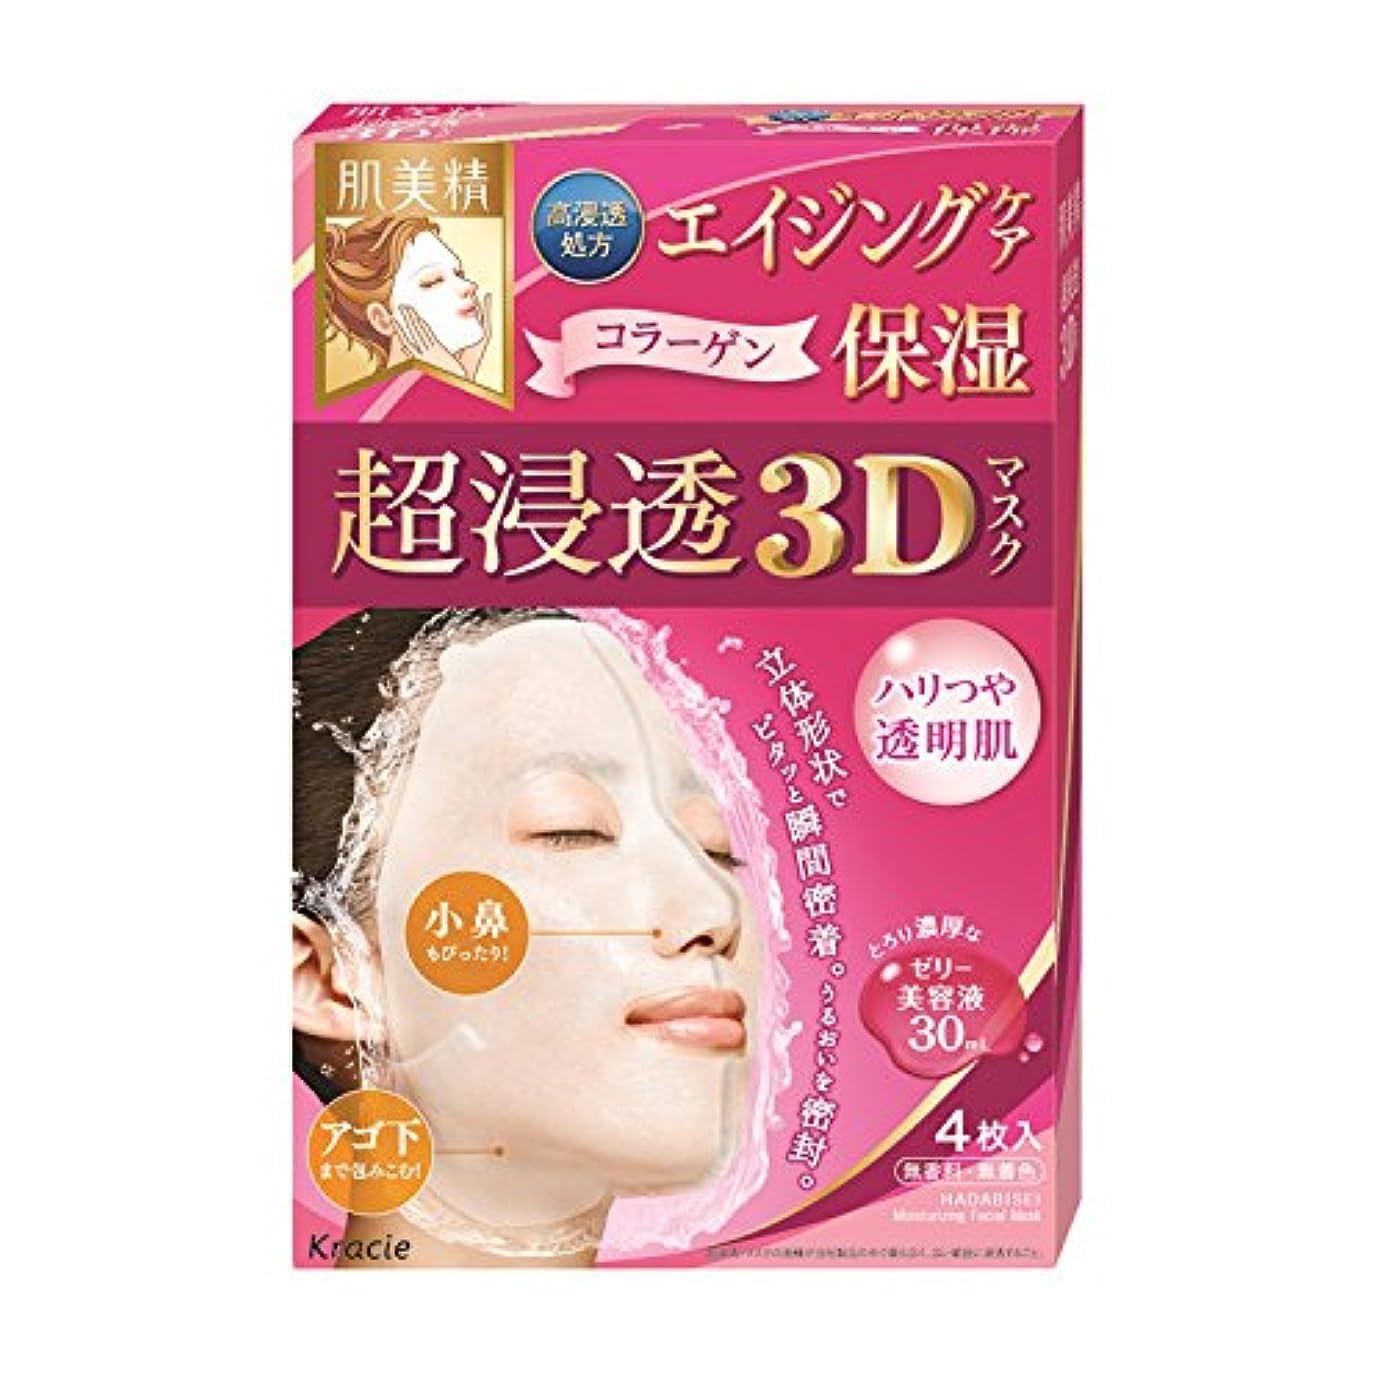 アクロバットペグ孤独な肌美精 超浸透3Dマスク (エイジング保湿) 4枚